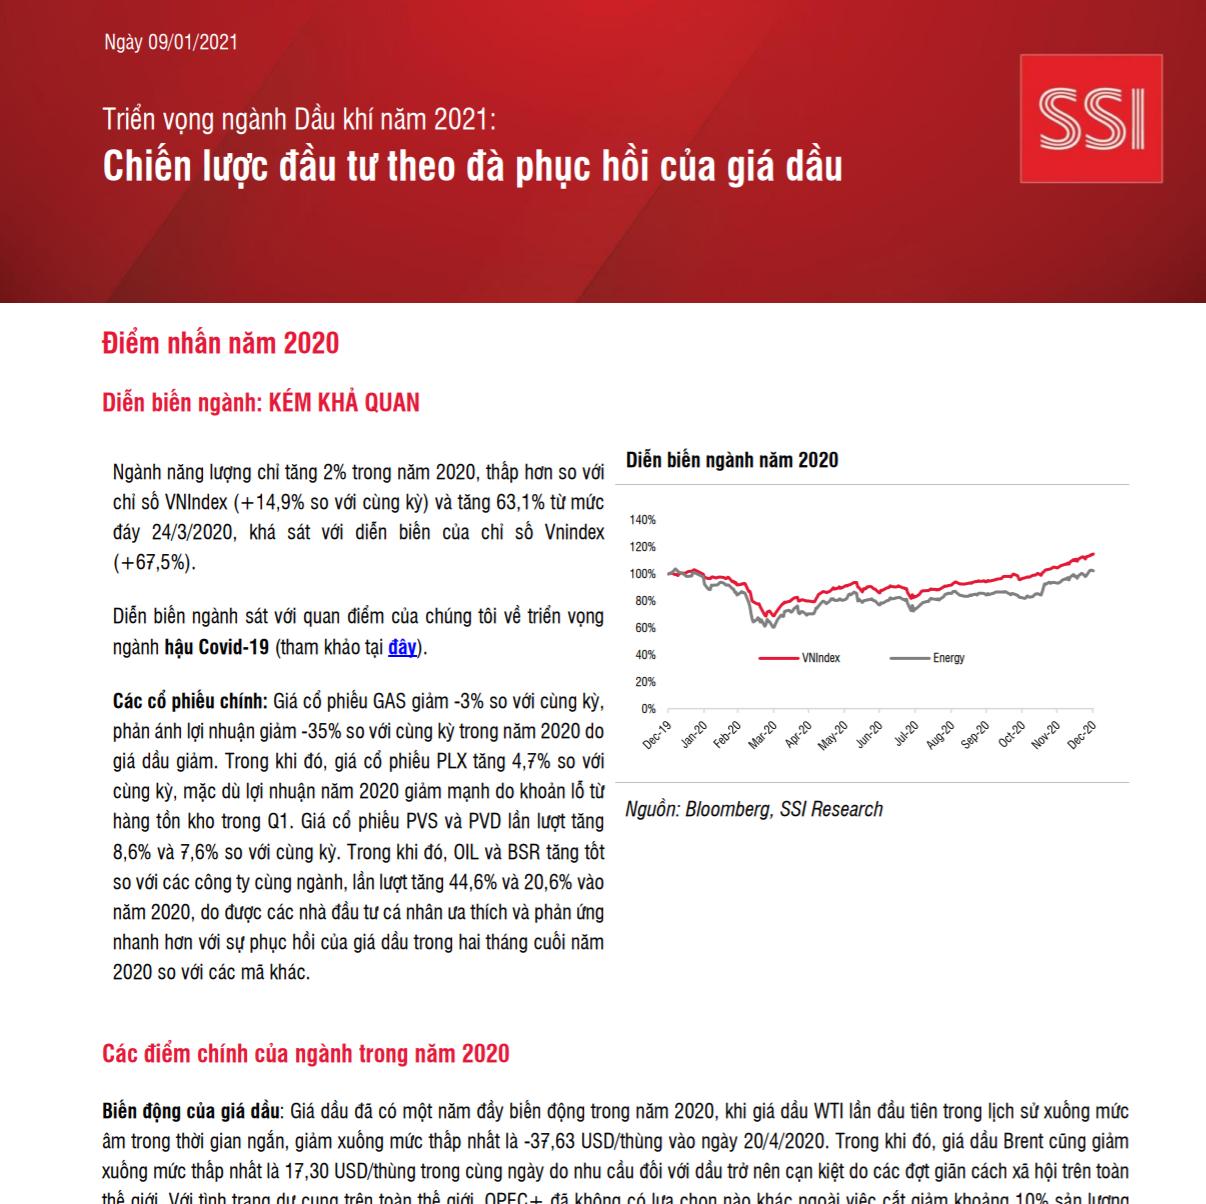 SSI Research: Triển vọng ngành dầu khí 2021 - Chiến lược đầu tư theo đà phục hồi của giá dầu